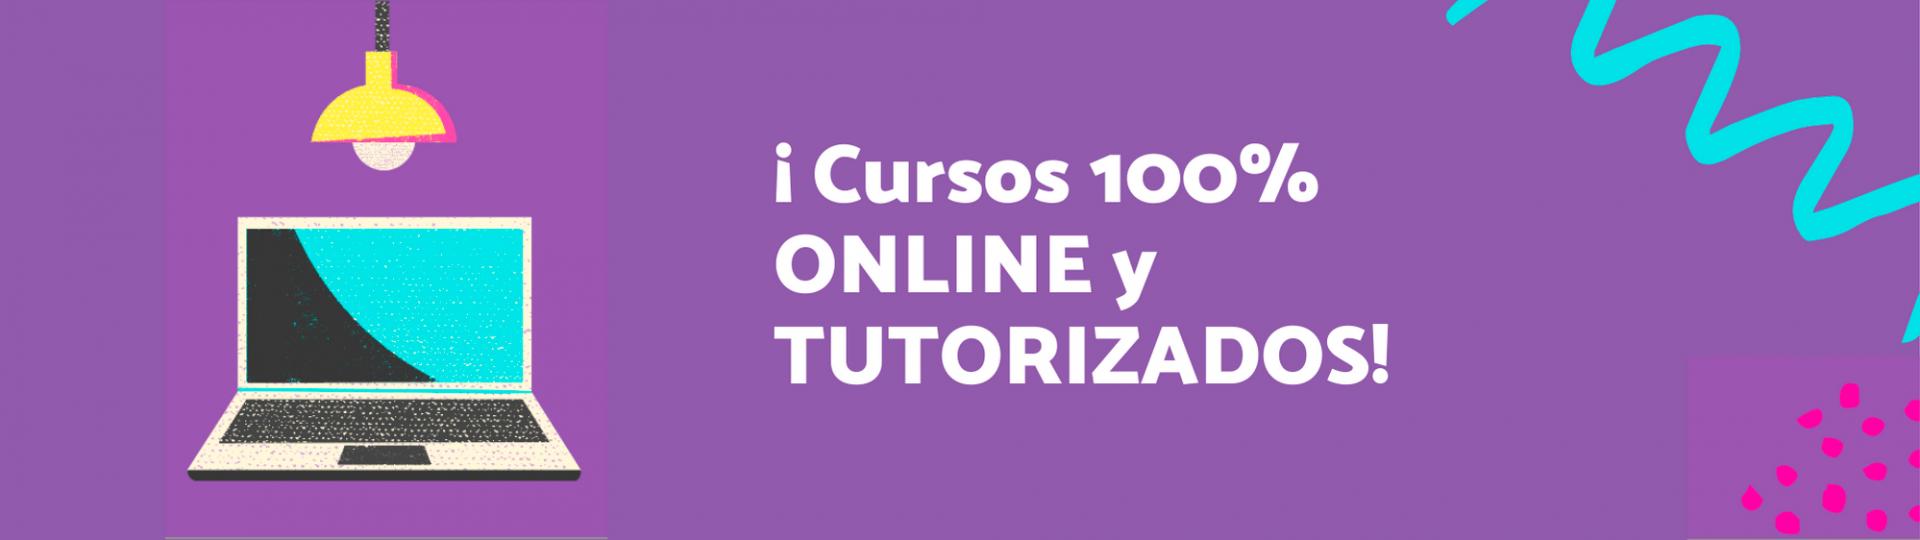 Cursos online para docentes